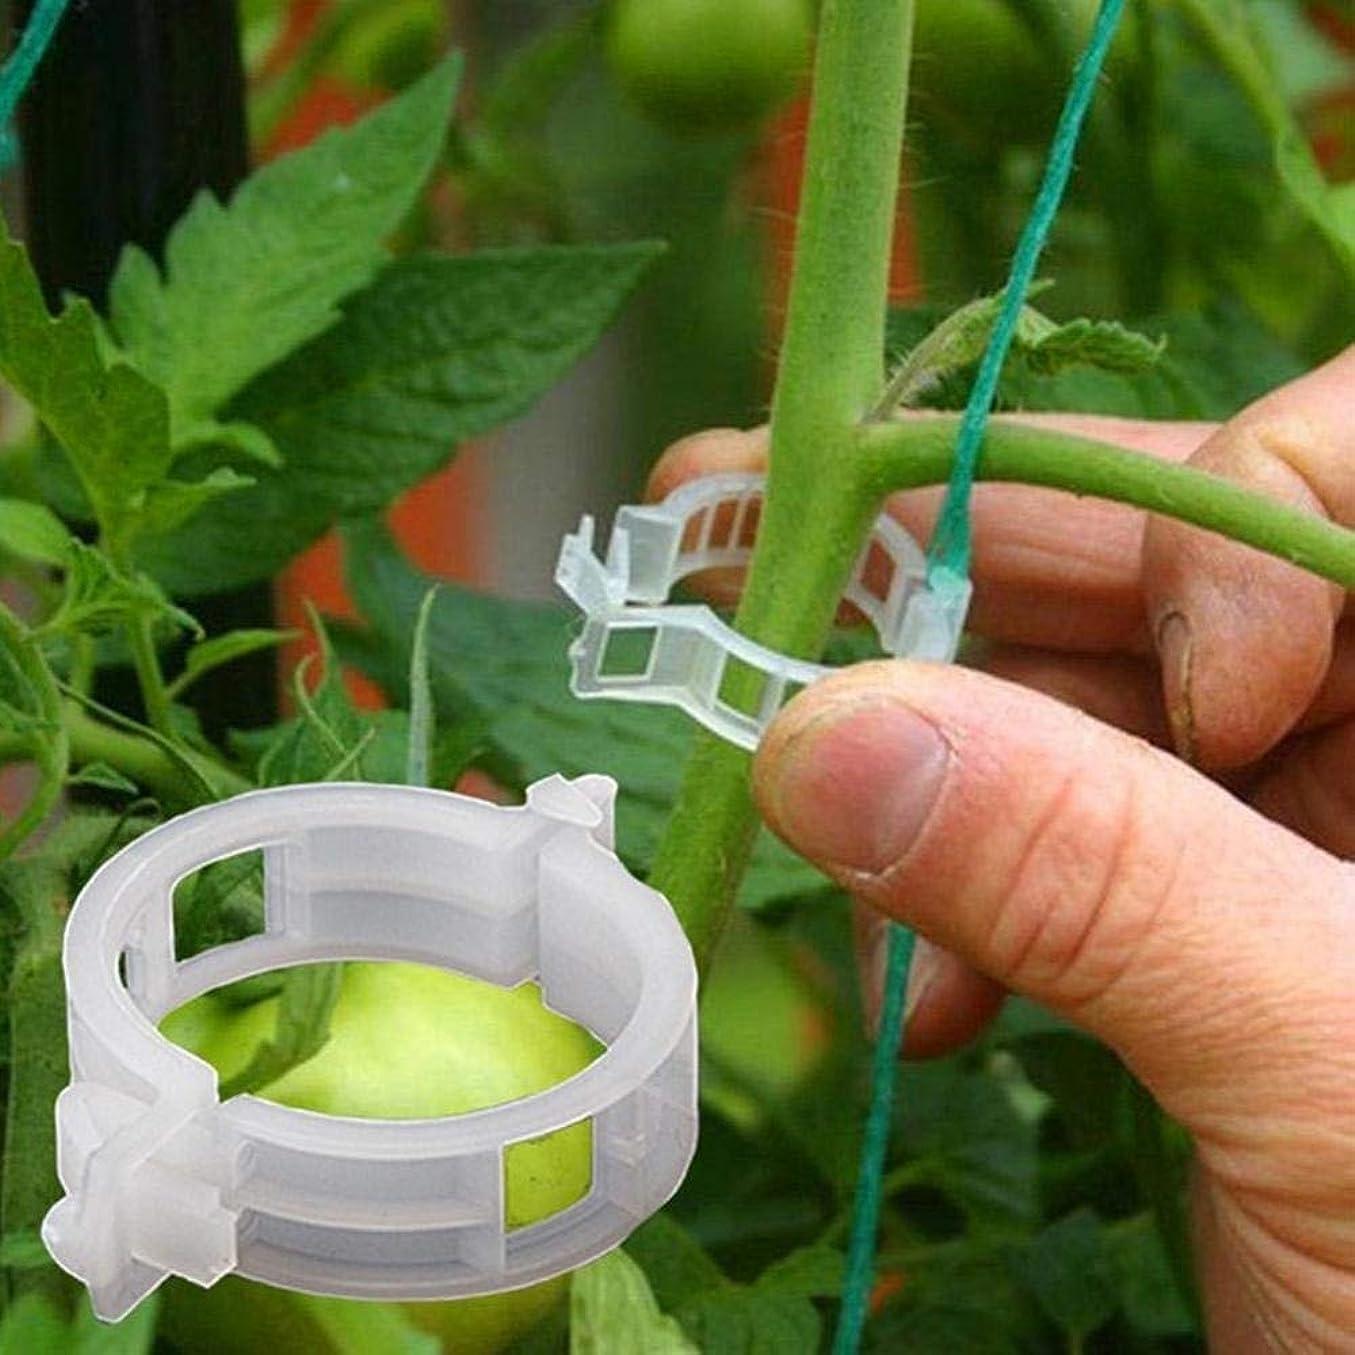 中性抑圧する夢中植物繁殖根球 クリップトマトバインガーデン温室野菜をハンギング植物のための200pcsの23ミリメートルのプラスチック工場のサポートクリップクランプ 植物繁殖根球 苗トレイ